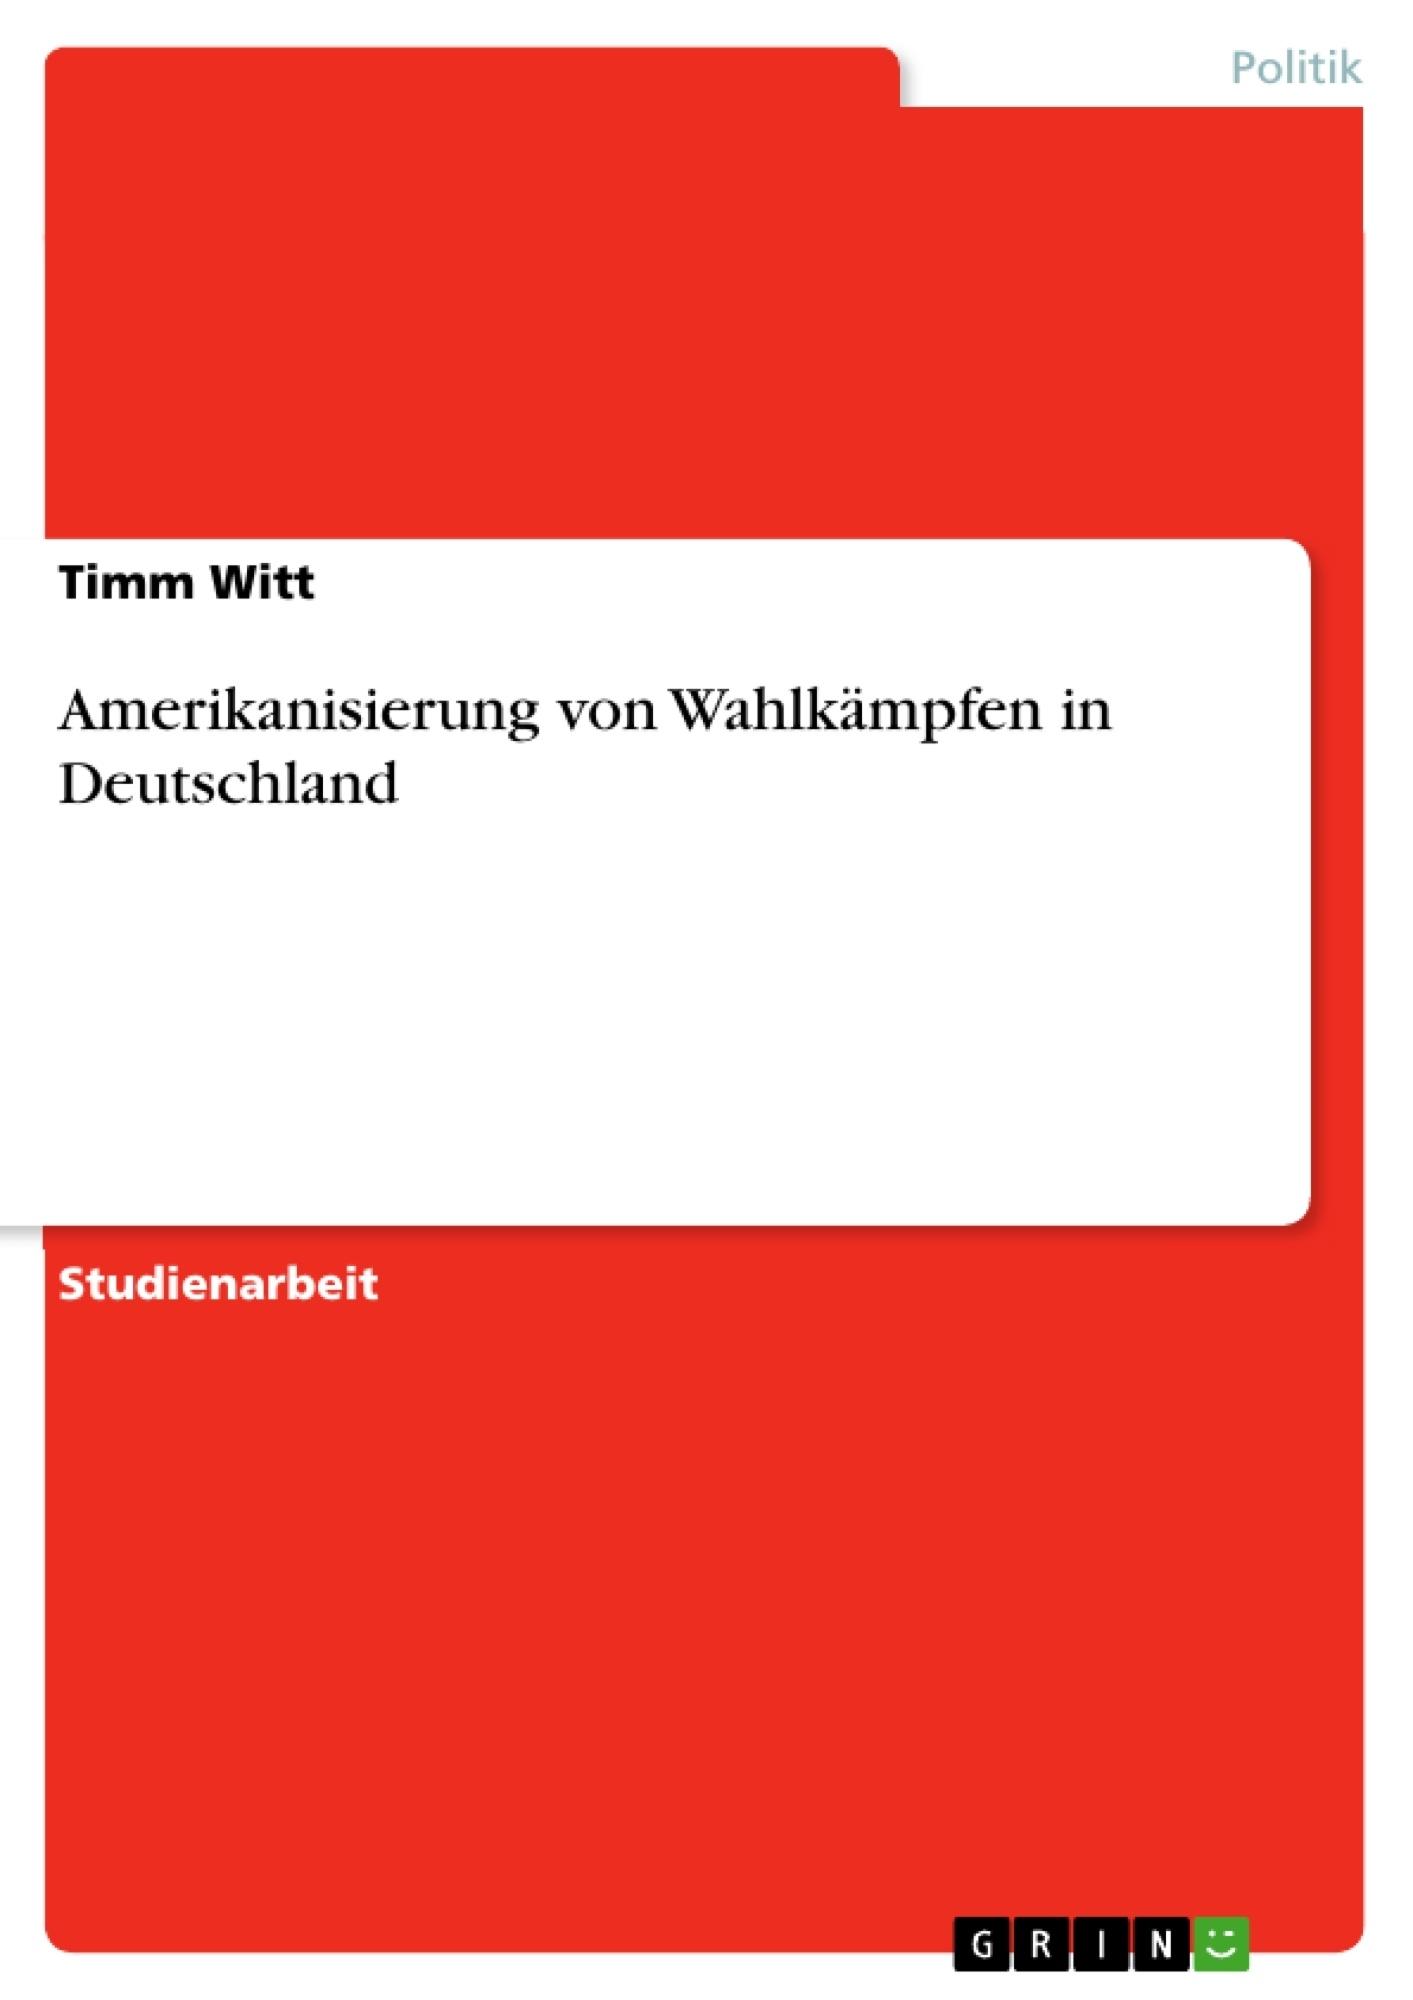 Titel: Amerikanisierung von Wahlkämpfen in Deutschland